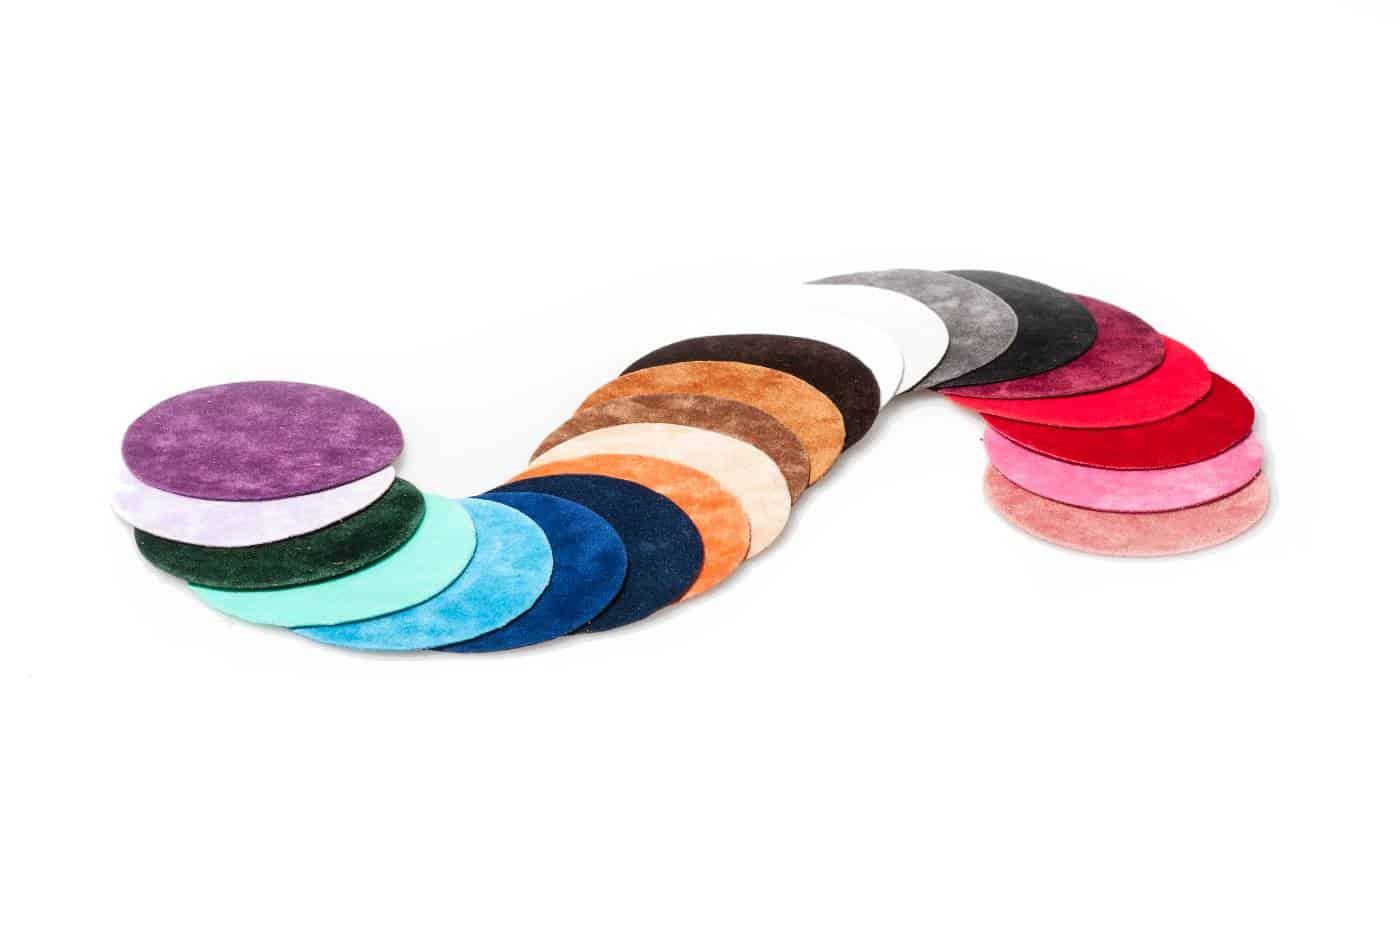 Veloursverpackung für Schmuck und Accessoires - große Farbauswahl